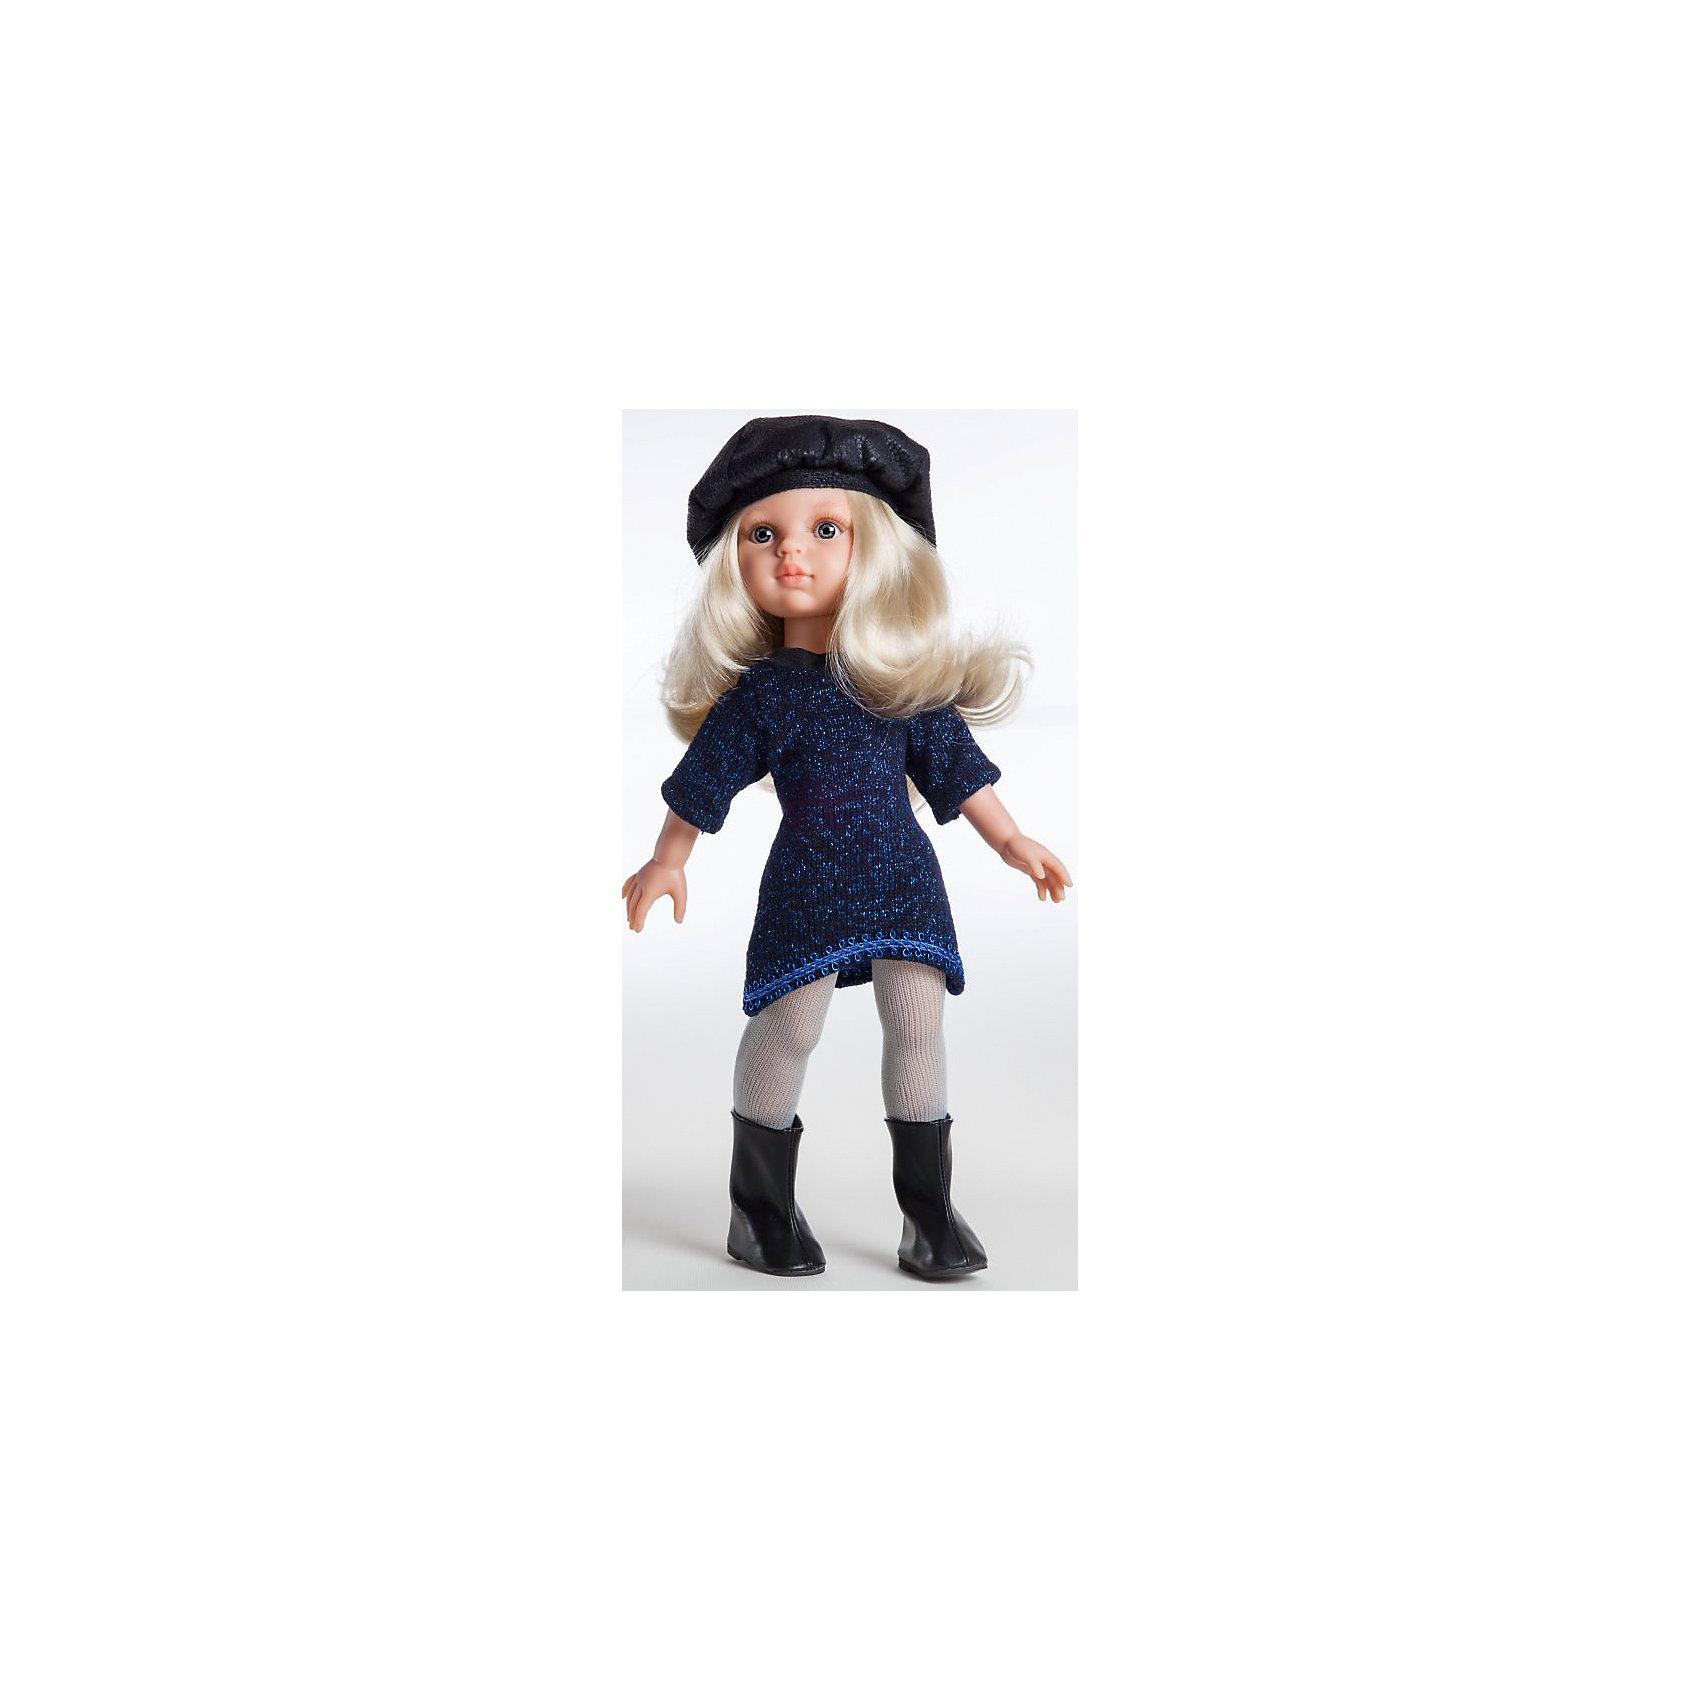 Кукла Клаудия, 32 см, Paola ReinaКуклы<br>Кукла изготовлена из винила; глаза выполнены в виде кристалла из прозрачного твердого пластика; волосы сделаны из высококачественного нейлона.<br><br>Ширина мм: 110<br>Глубина мм: 230<br>Высота мм: 410<br>Вес г: 667<br>Возраст от месяцев: 36<br>Возраст до месяцев: 144<br>Пол: Женский<br>Возраст: Детский<br>SKU: 4966351